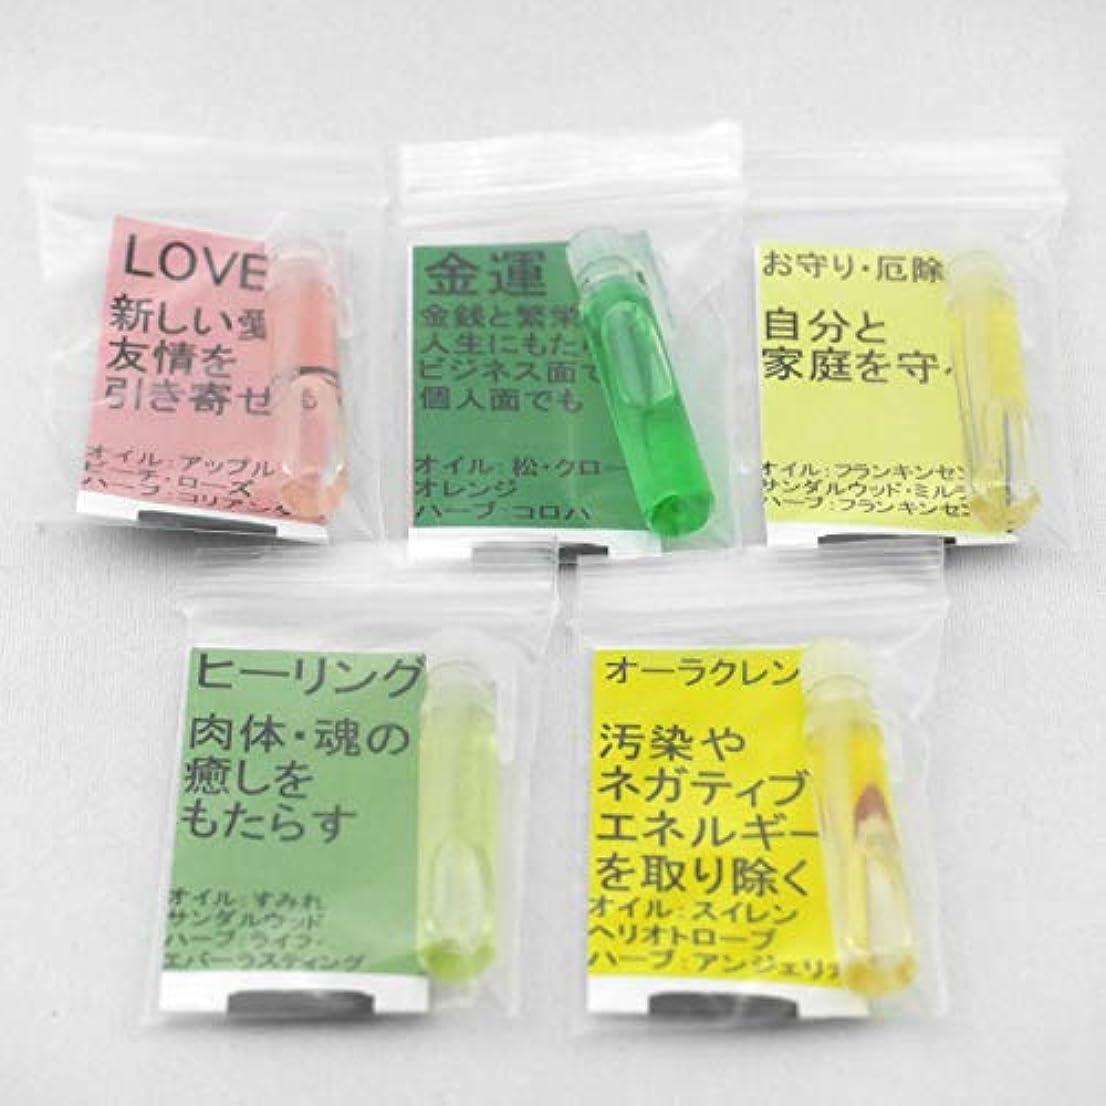 はずフレキシブル刈り取るアンシェントメモリーオイル 基本の5本小分けセット(LOVE?MoneyDraw?Protection?Healing?Aura Cleanse)